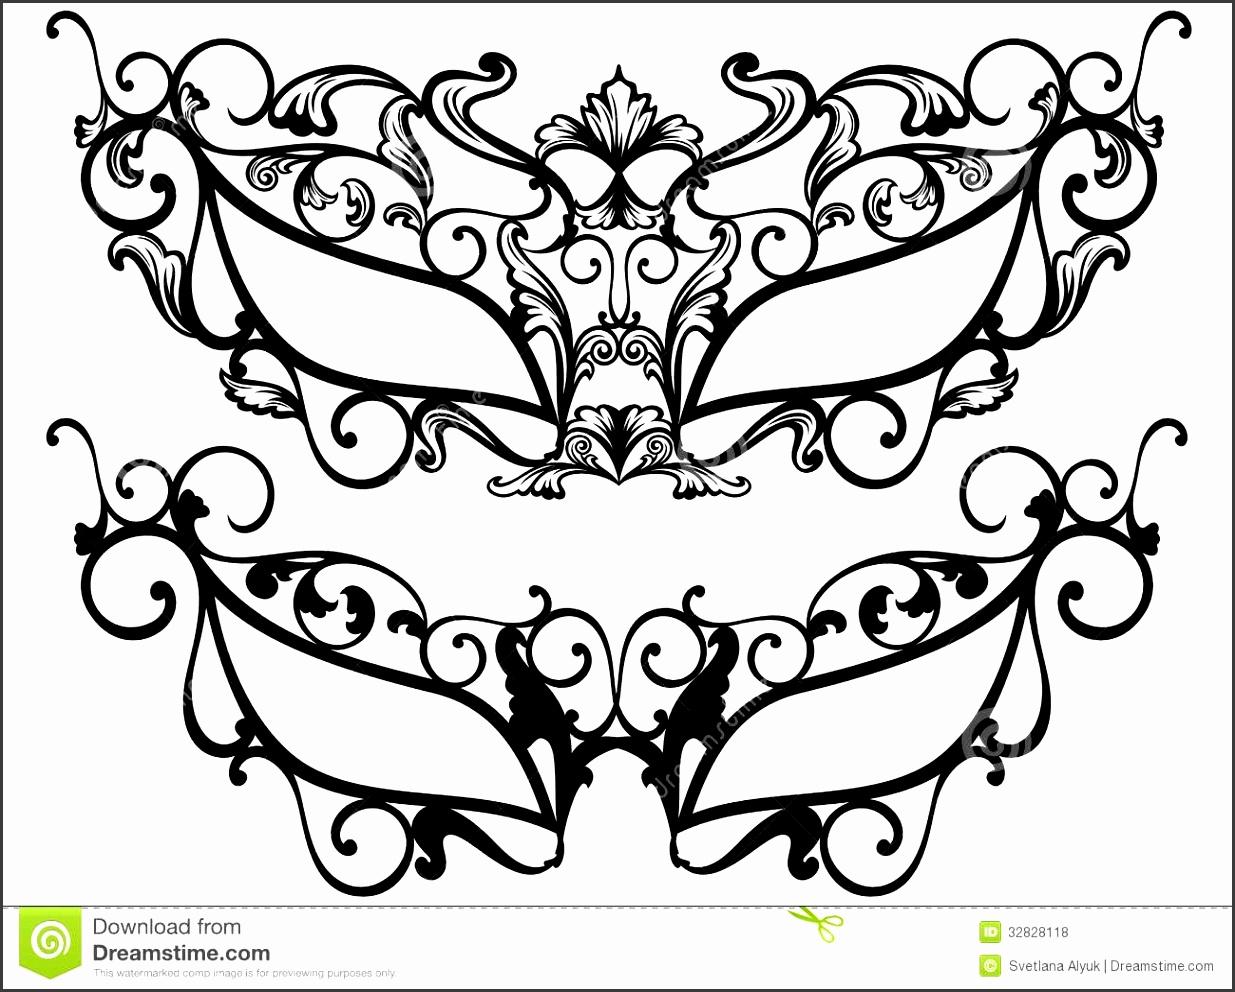 Masquerade Masks Vector Royalty Free Stock s Image